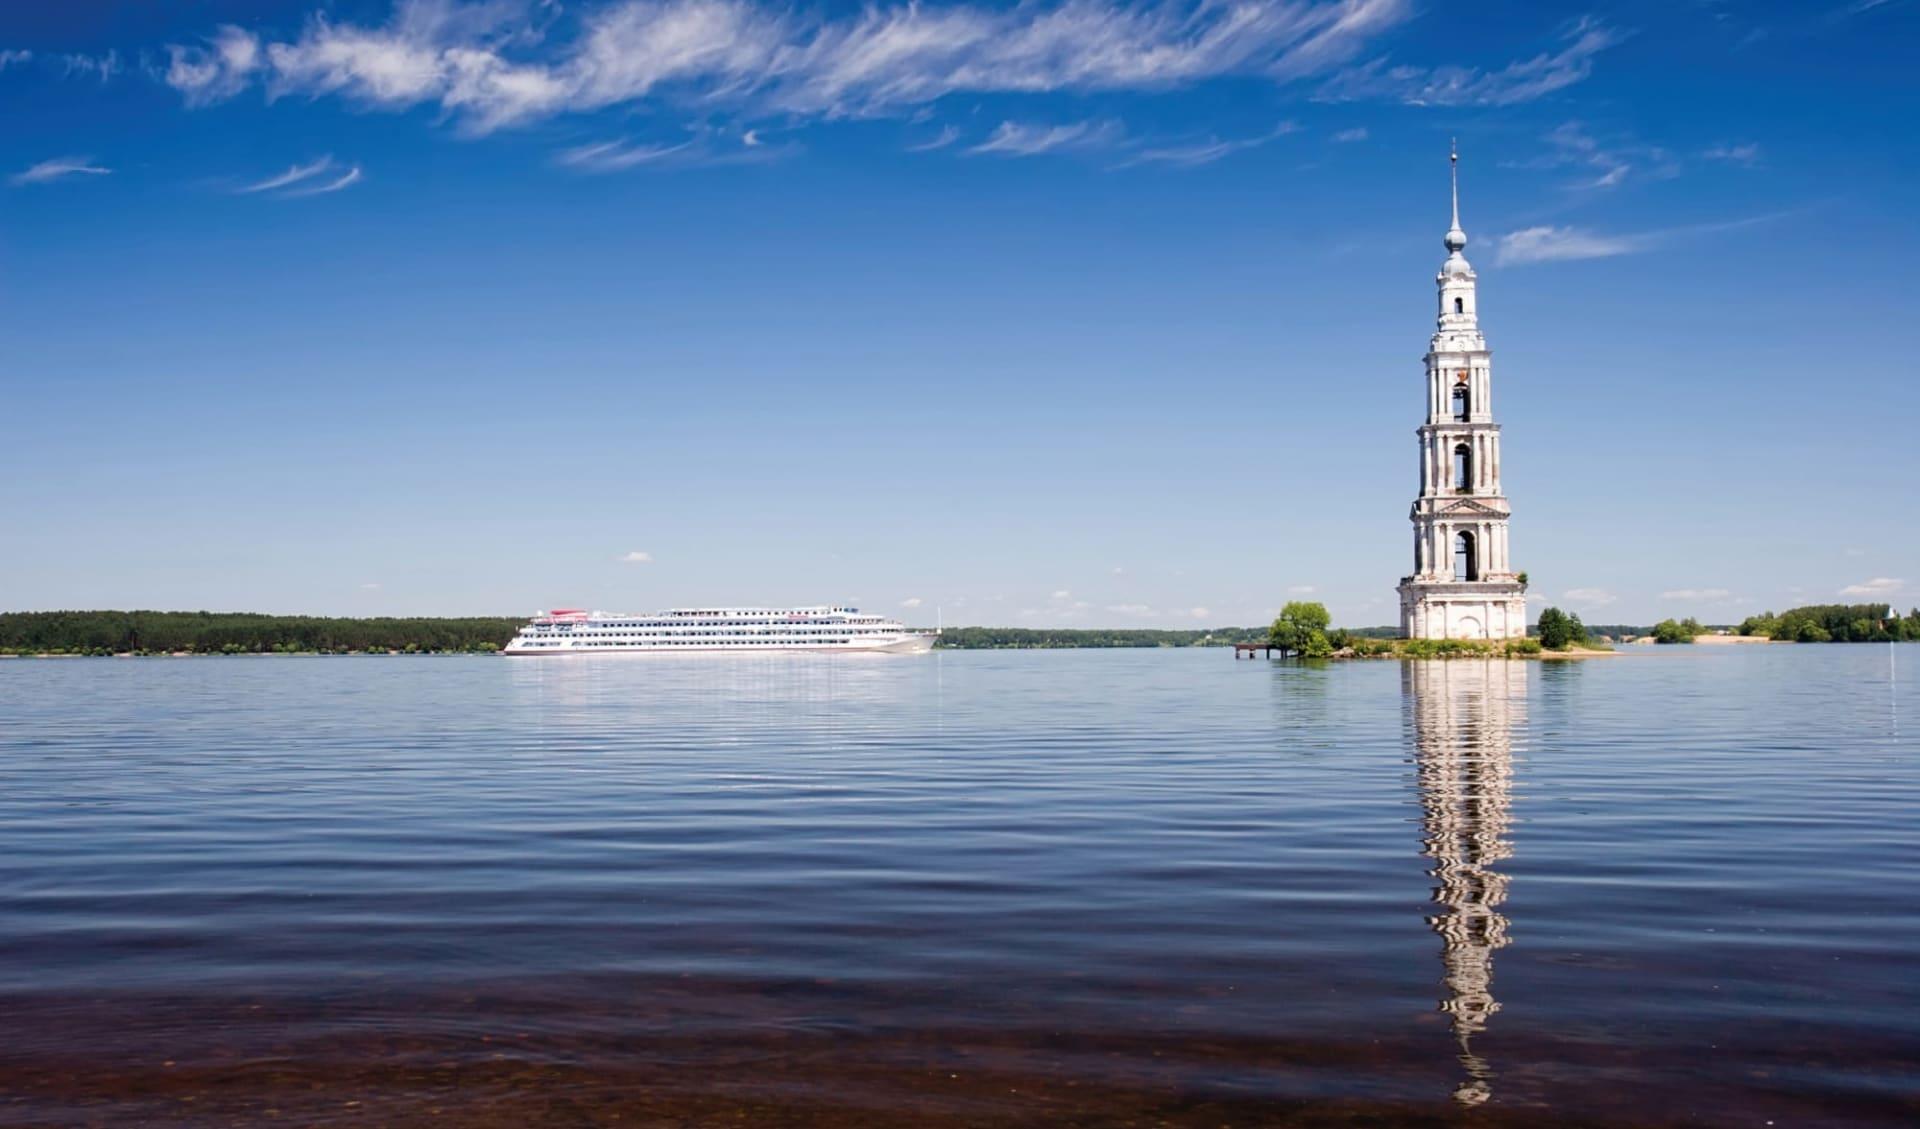 MS Thurgau Karelia, Von St. Petersburg über elf Flüsse und sieben Seen zum Weissen Meer: Russland_Wolga_Fluss_Flussfahrt_Kreuzfahrt_shutterstock_110424812_Pearl-diver